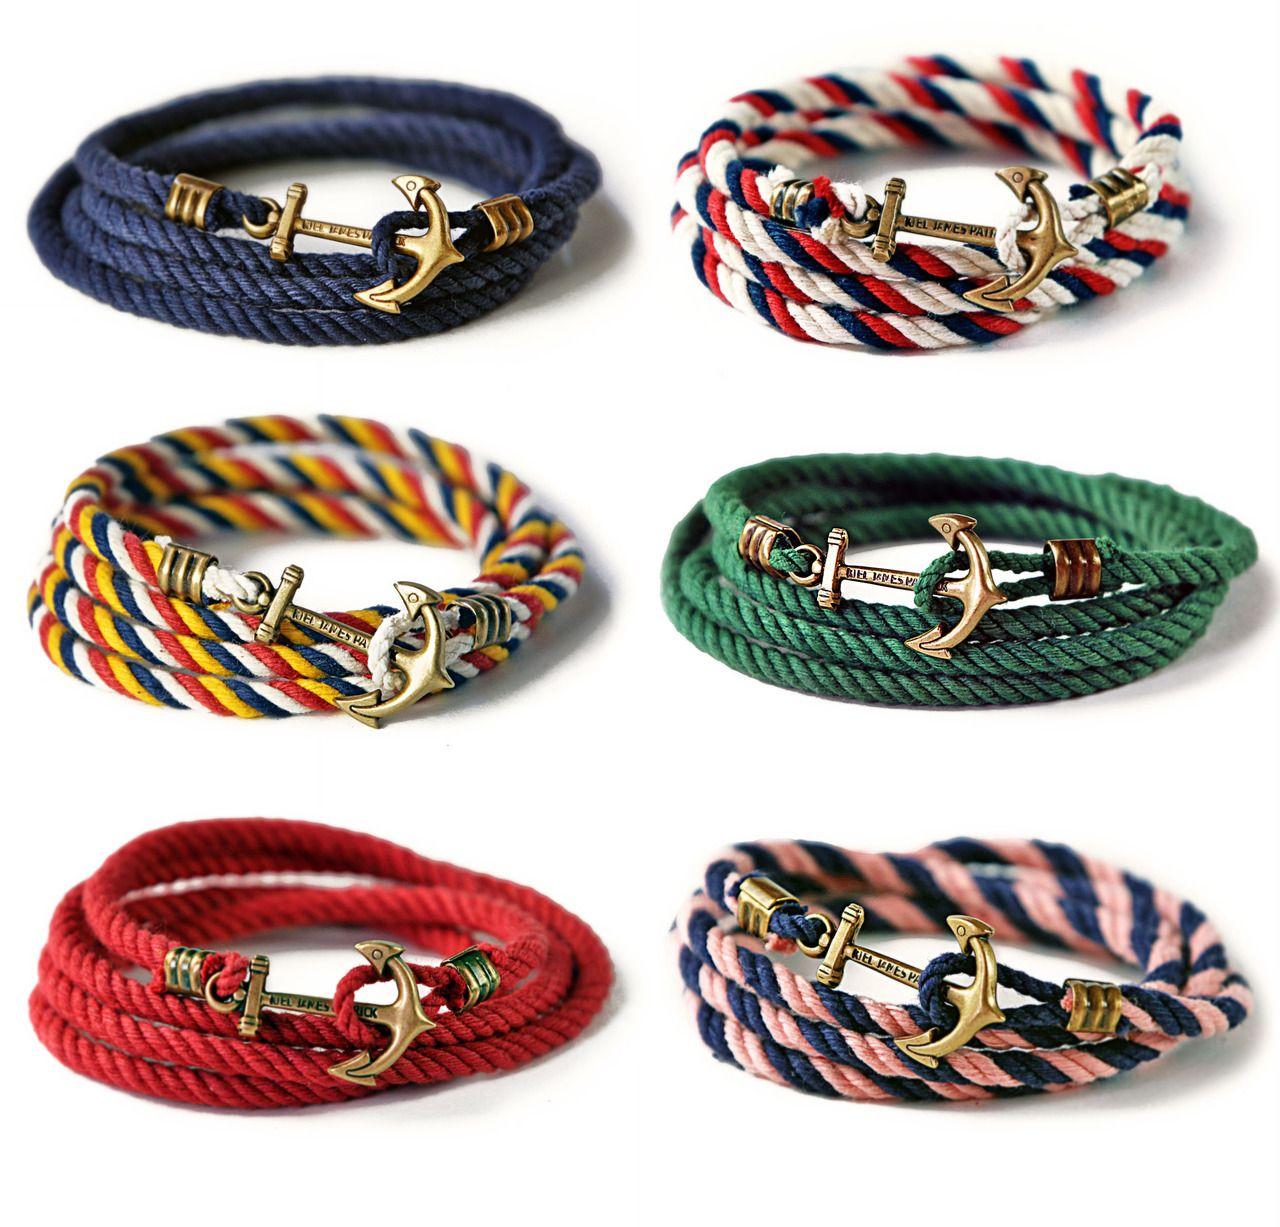 """Red Cross black cord surfer sailor bracelet wrist band adjustable 4.5/"""" 10/"""""""